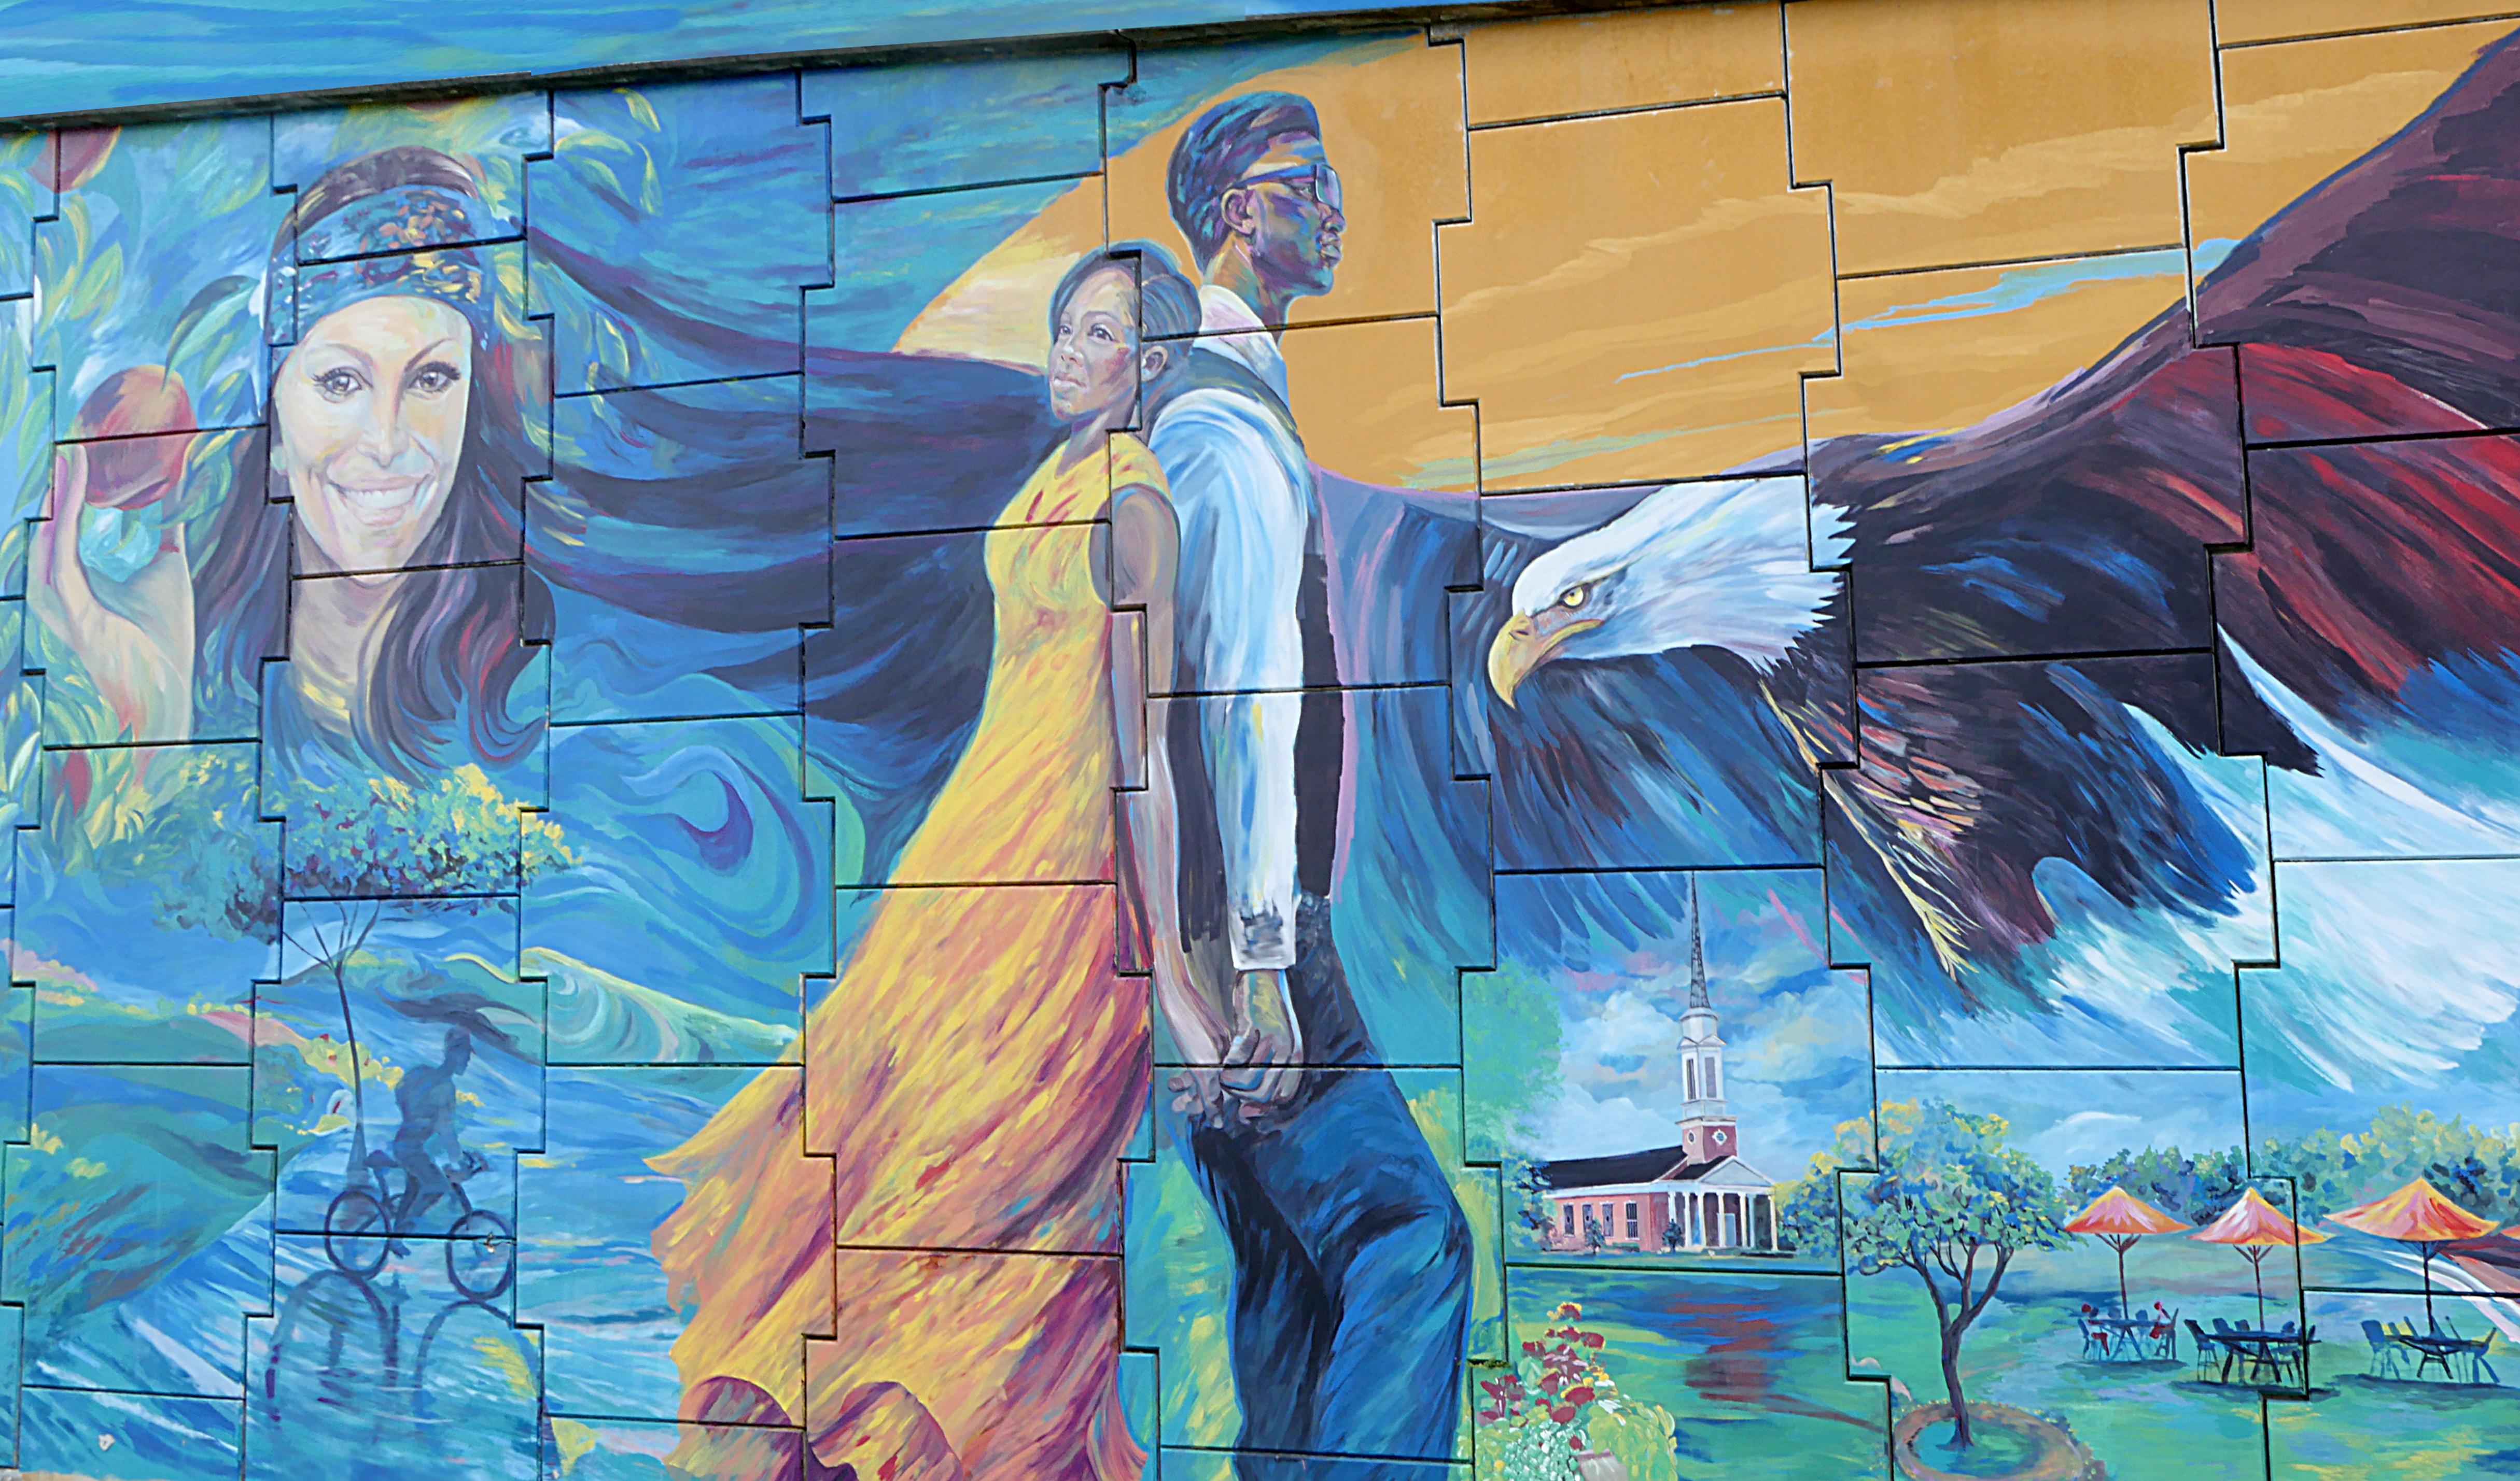 15th Street Overpass Mural Public Art